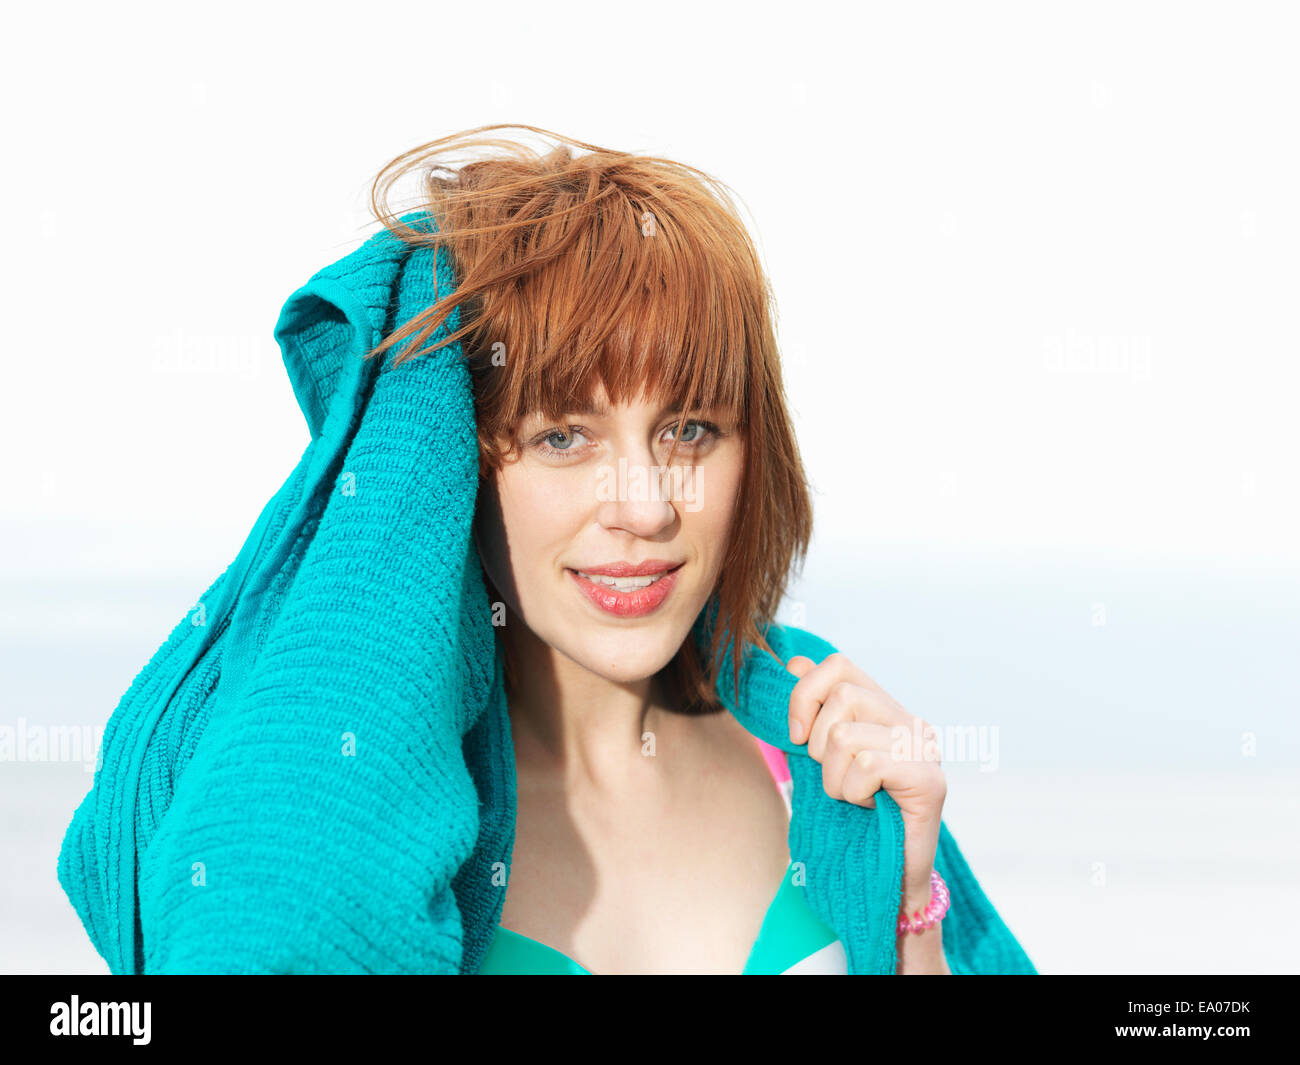 Young woman in bikini drying hair with towel - Stock Image